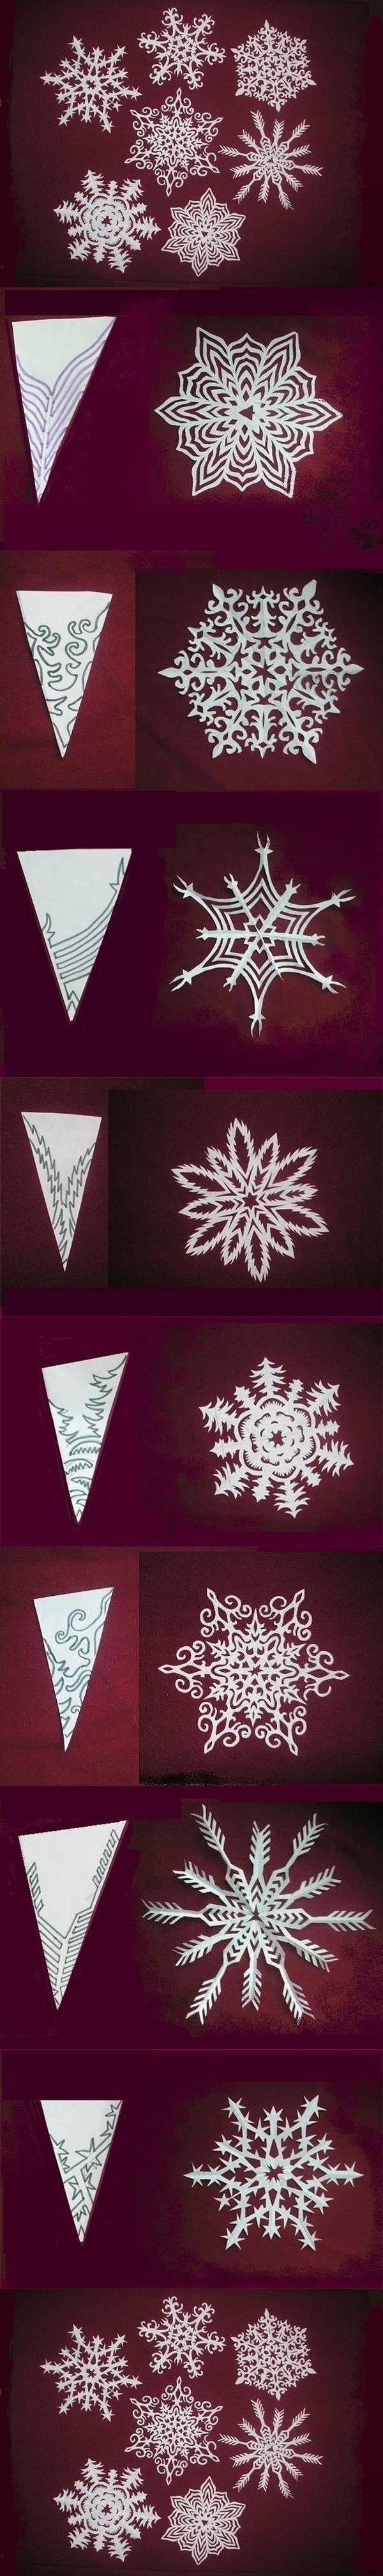 DIY Snowflakes Paper Pattern Tutorial via usefuldiy.com